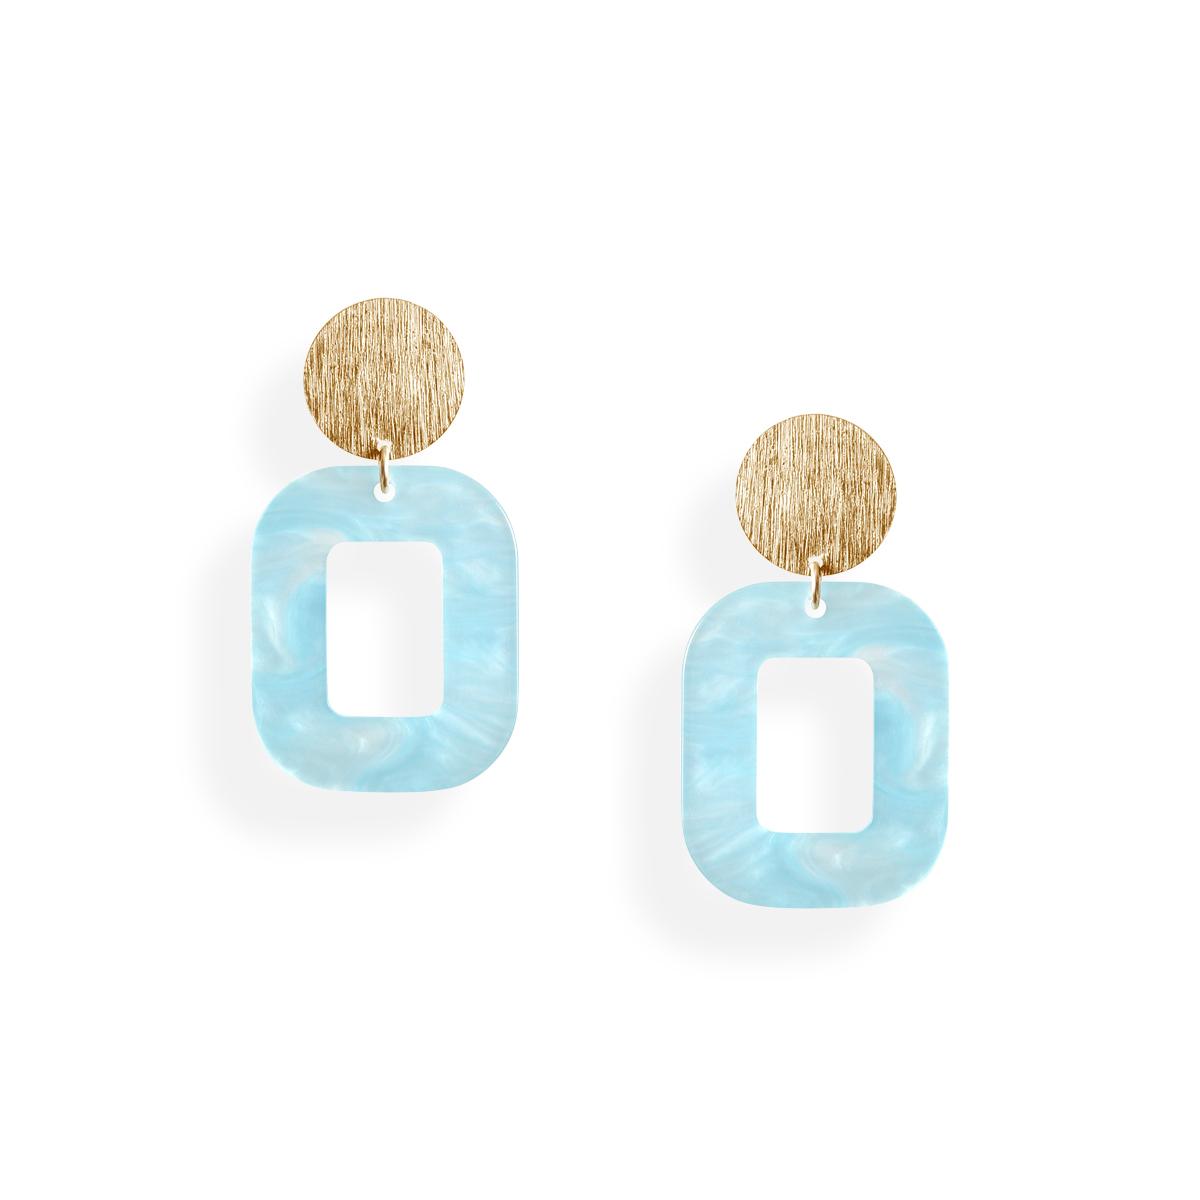 pastelblå-baby-rosa-øreringe-persuede-store-jewellery-københavn-forgyldt-sølv.jpg